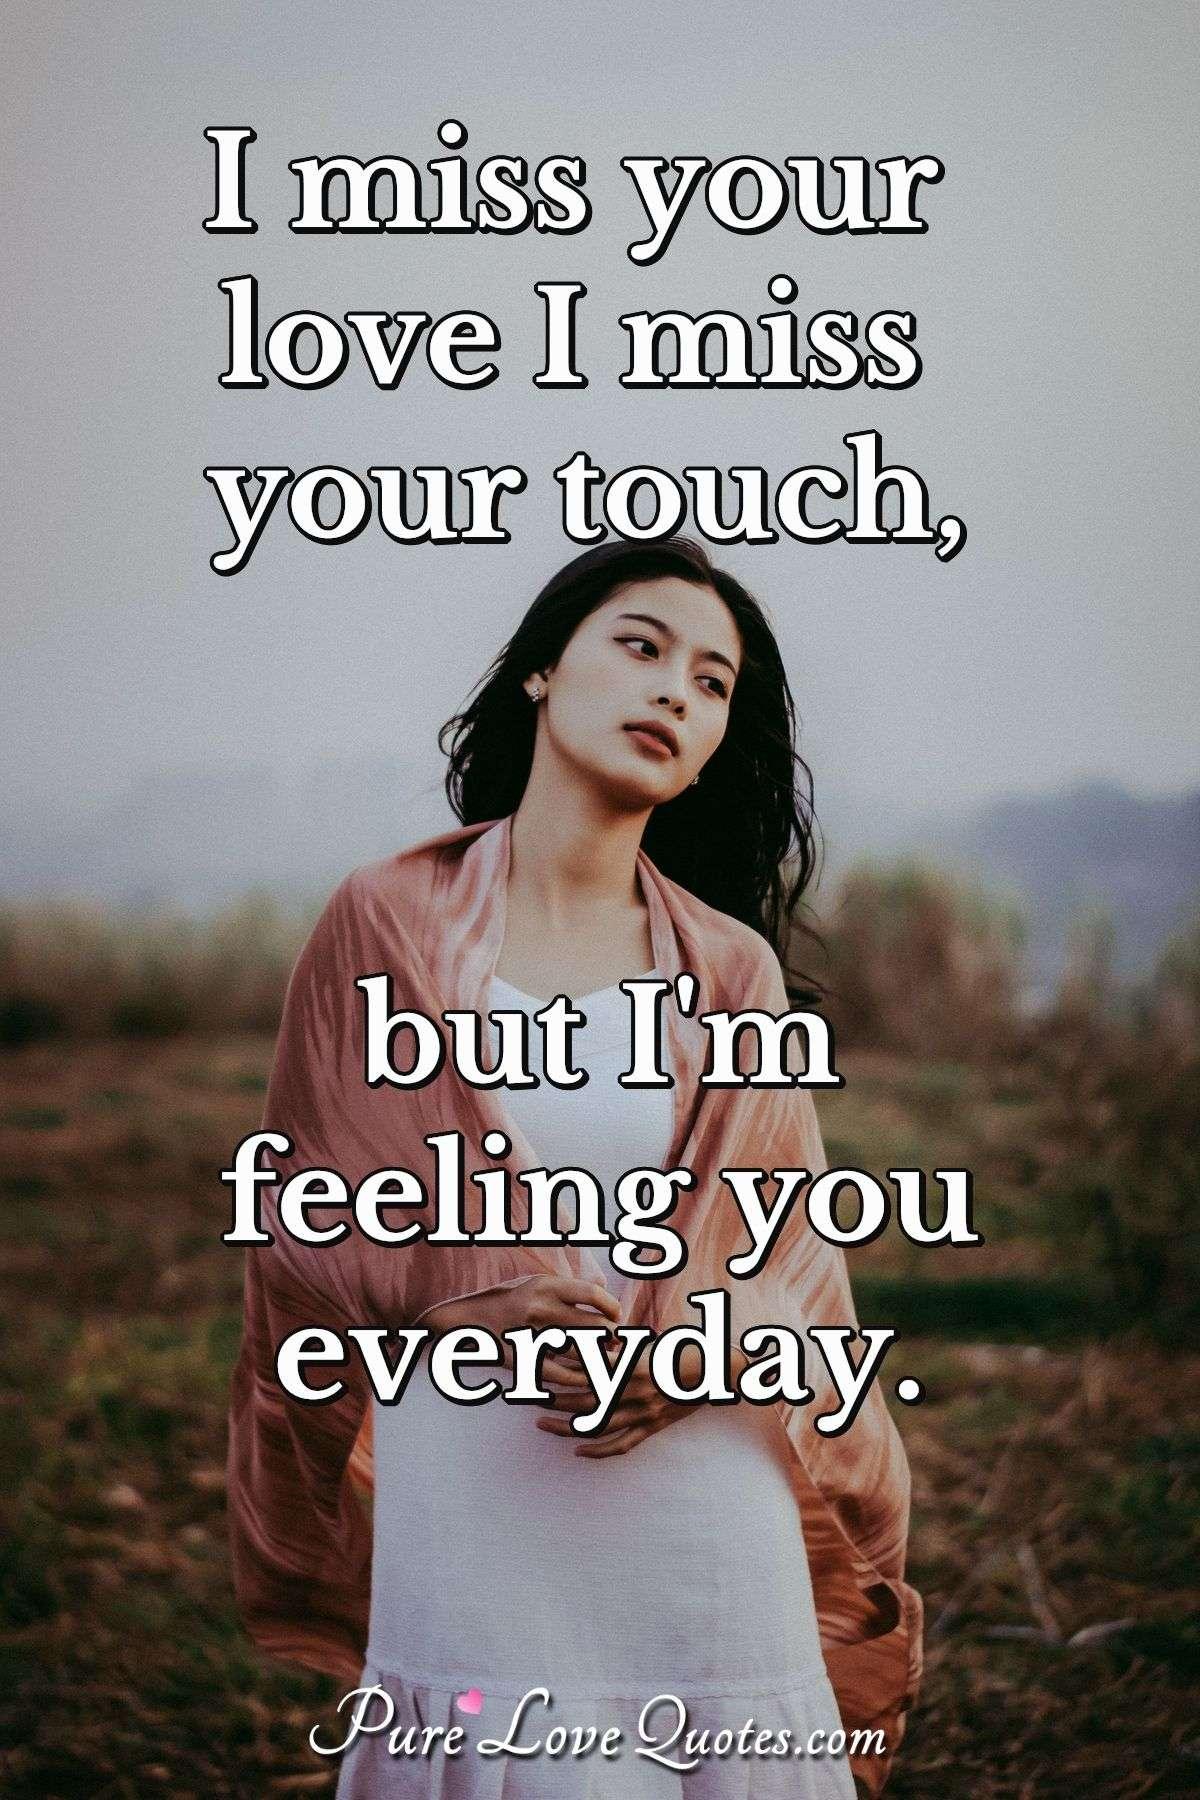 Missing romantic quotes